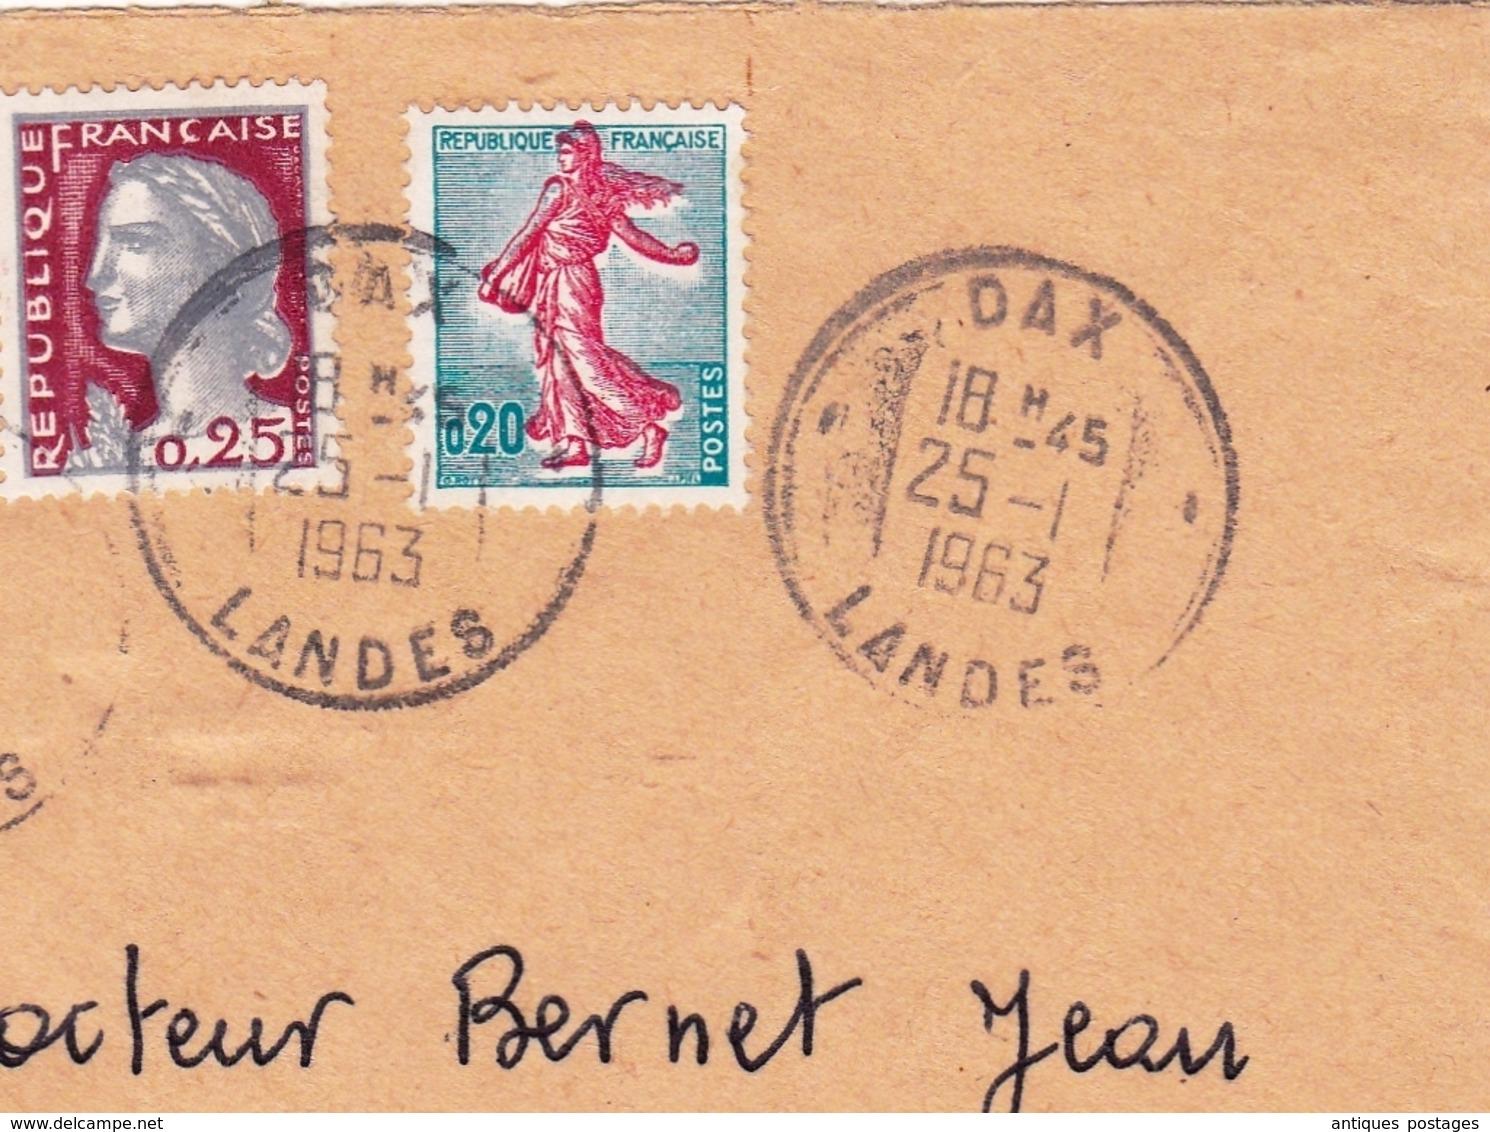 Lettre Recommandée 1963 Dax Landes - France